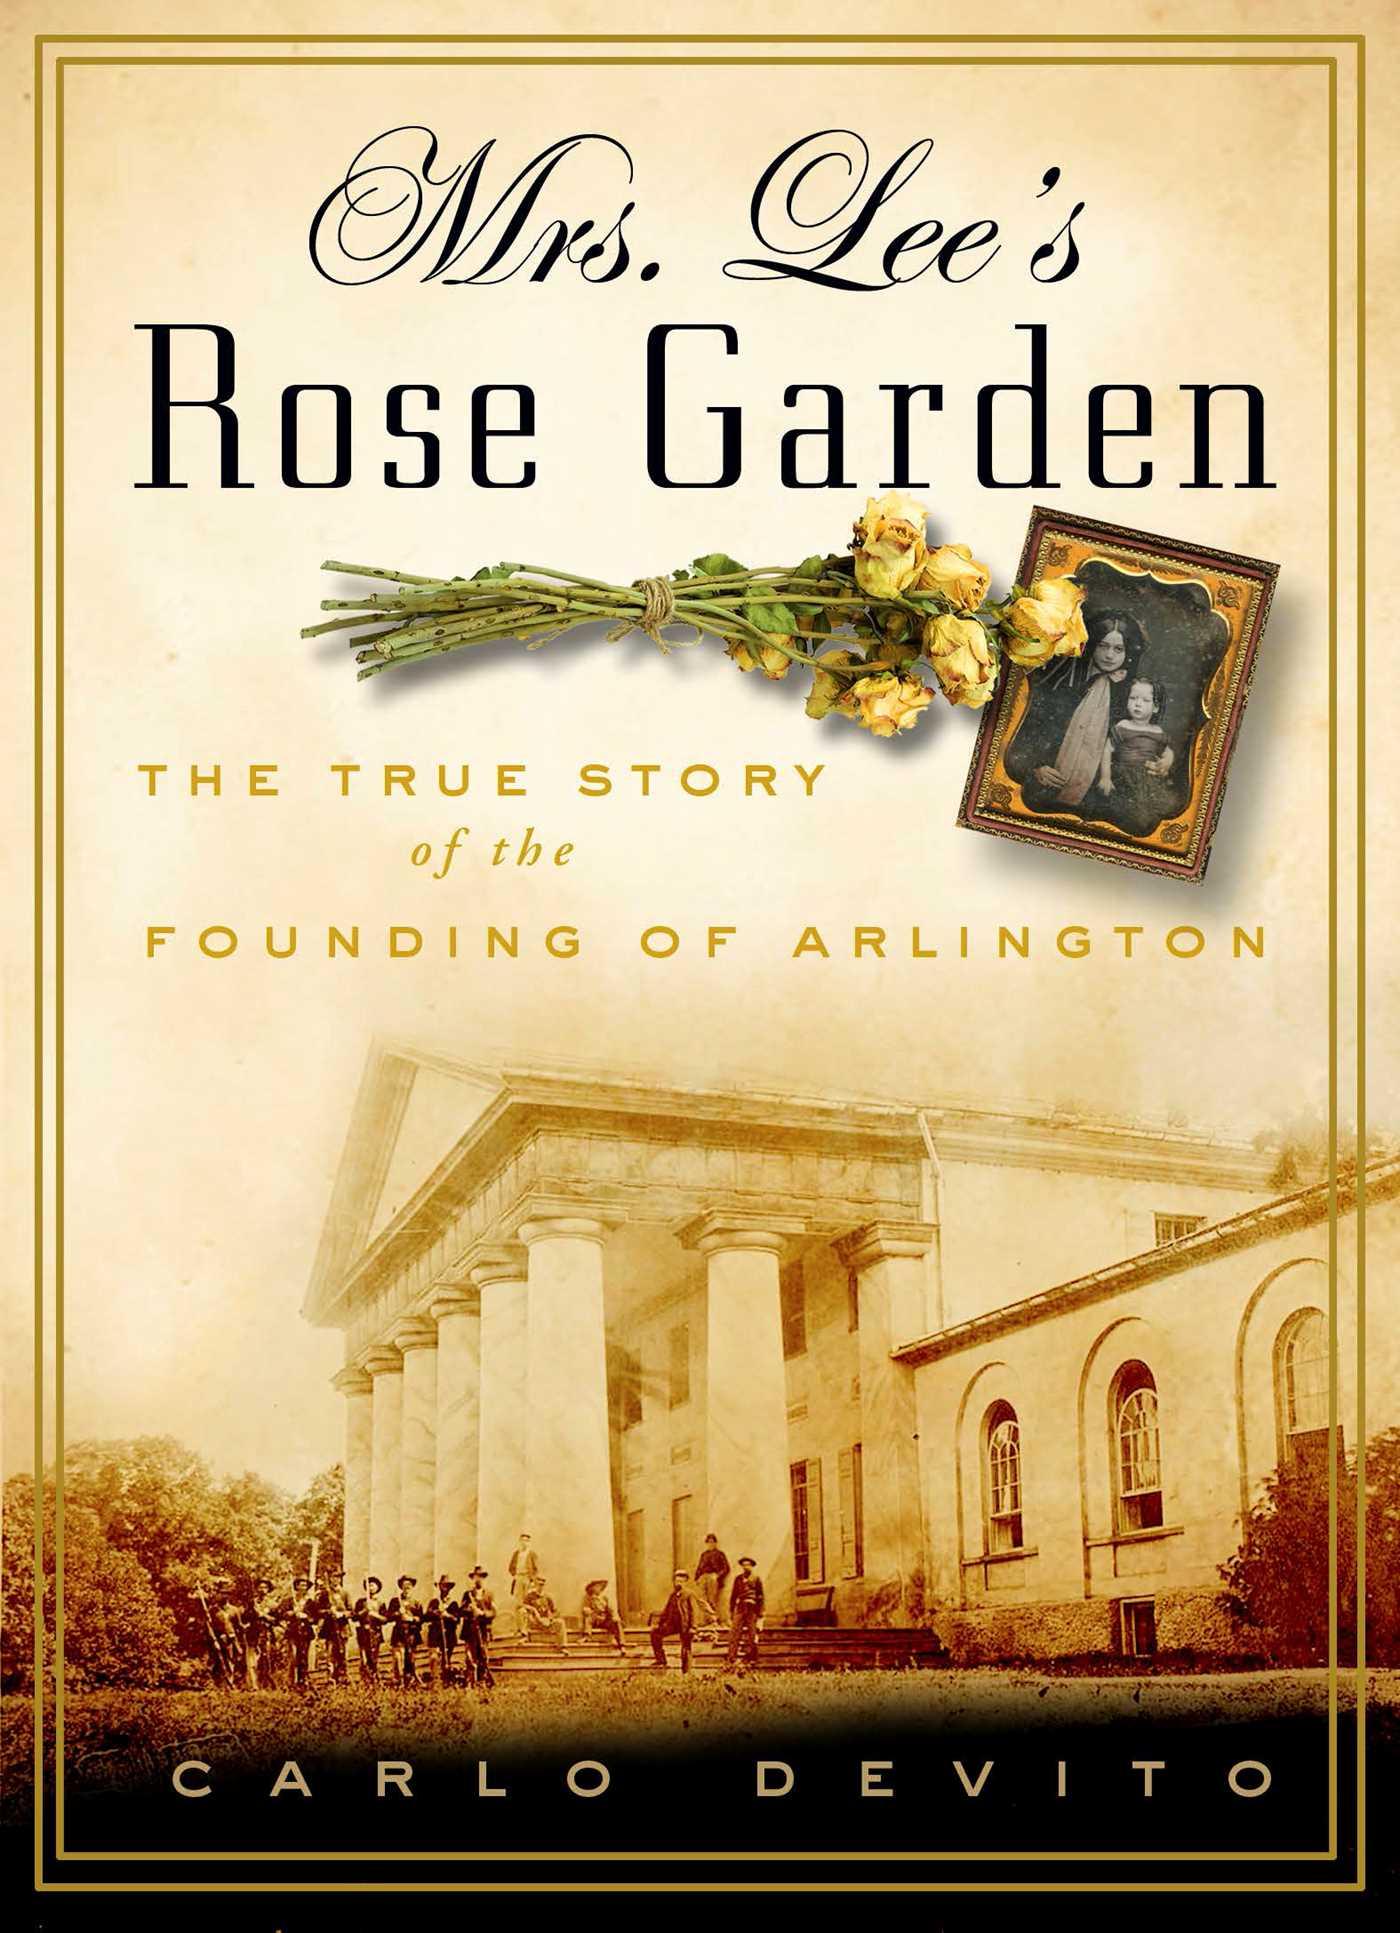 Mrs lees rose garden 9781604335460 hr